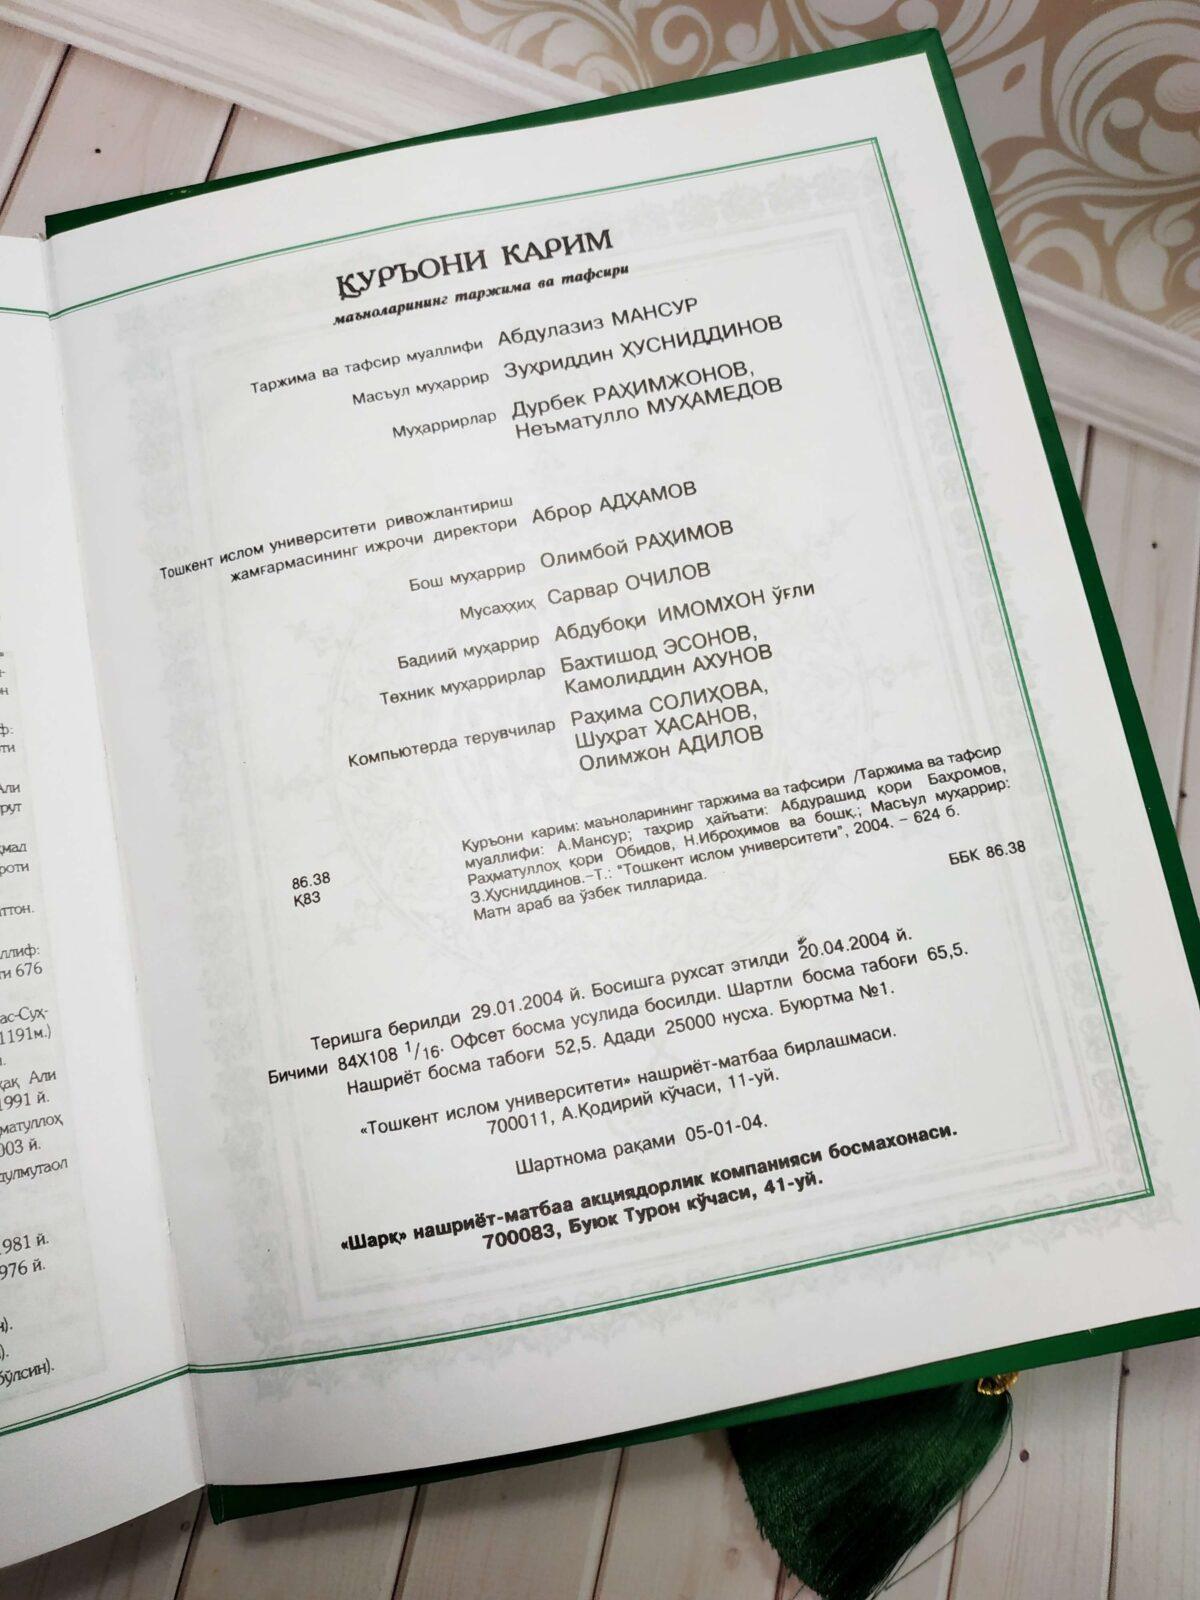 Коран на таджикском